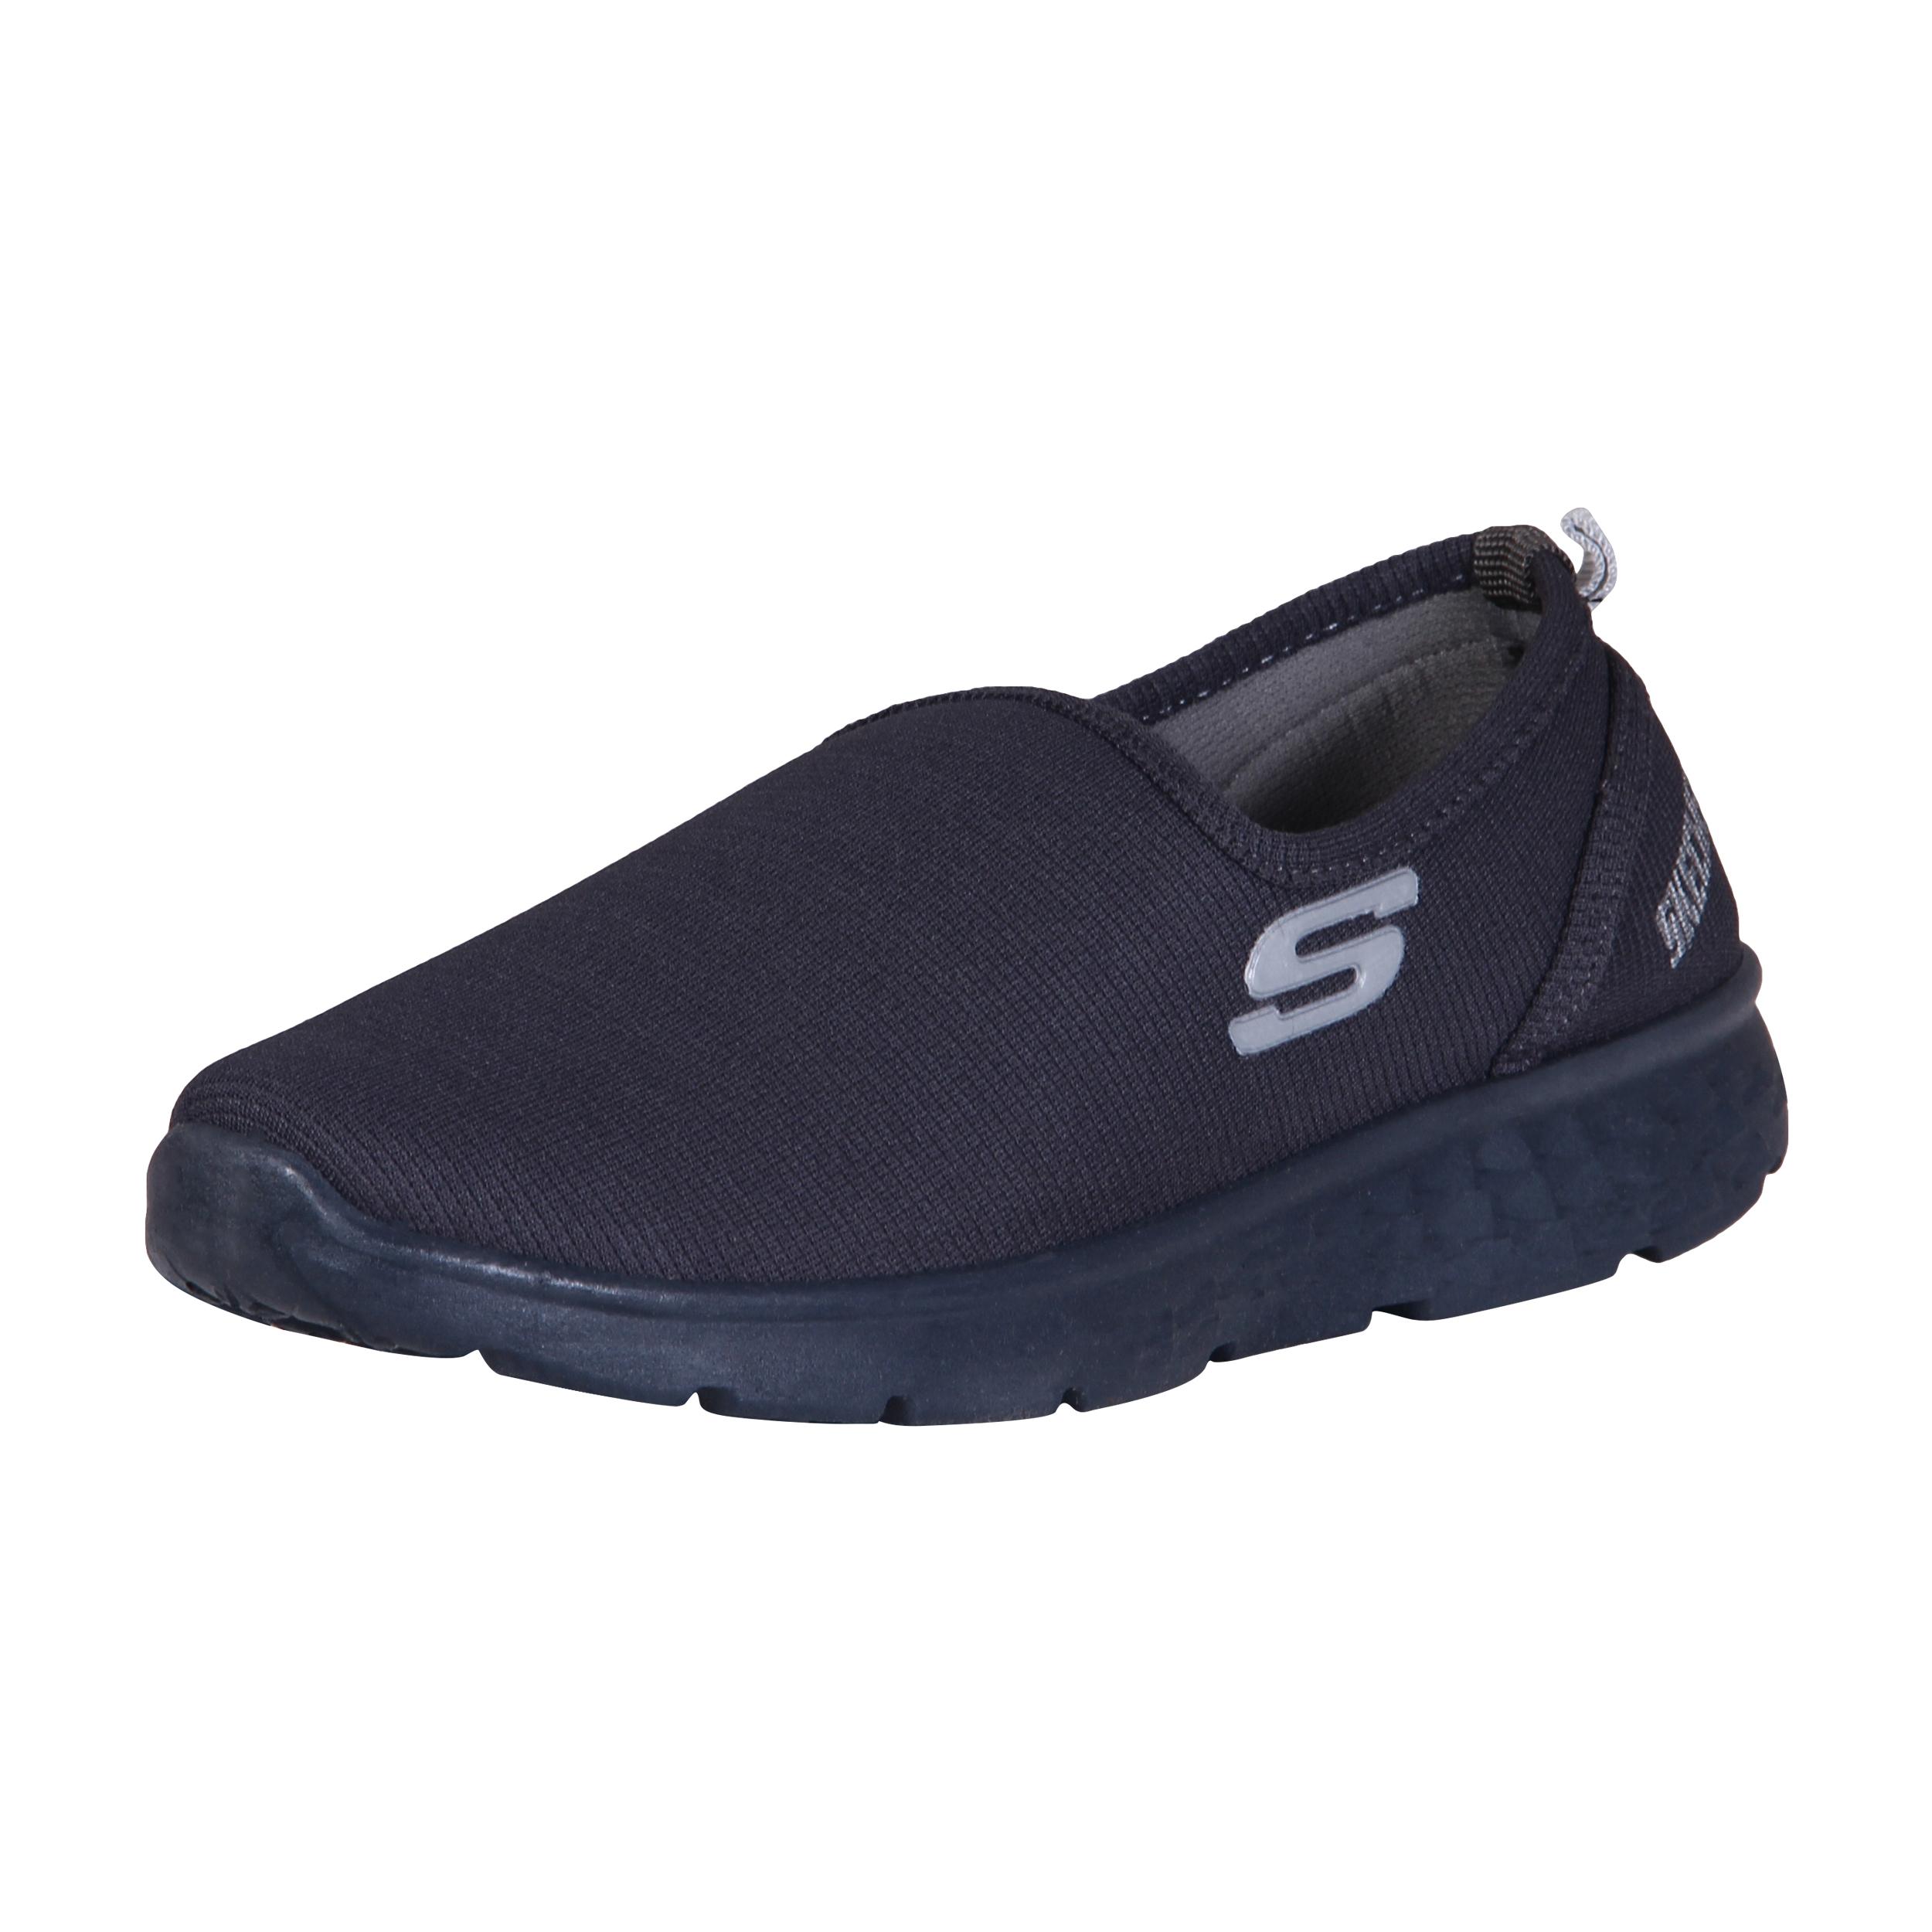 خرید                         کفش راحتی مردانه کد 21-2400060              👟